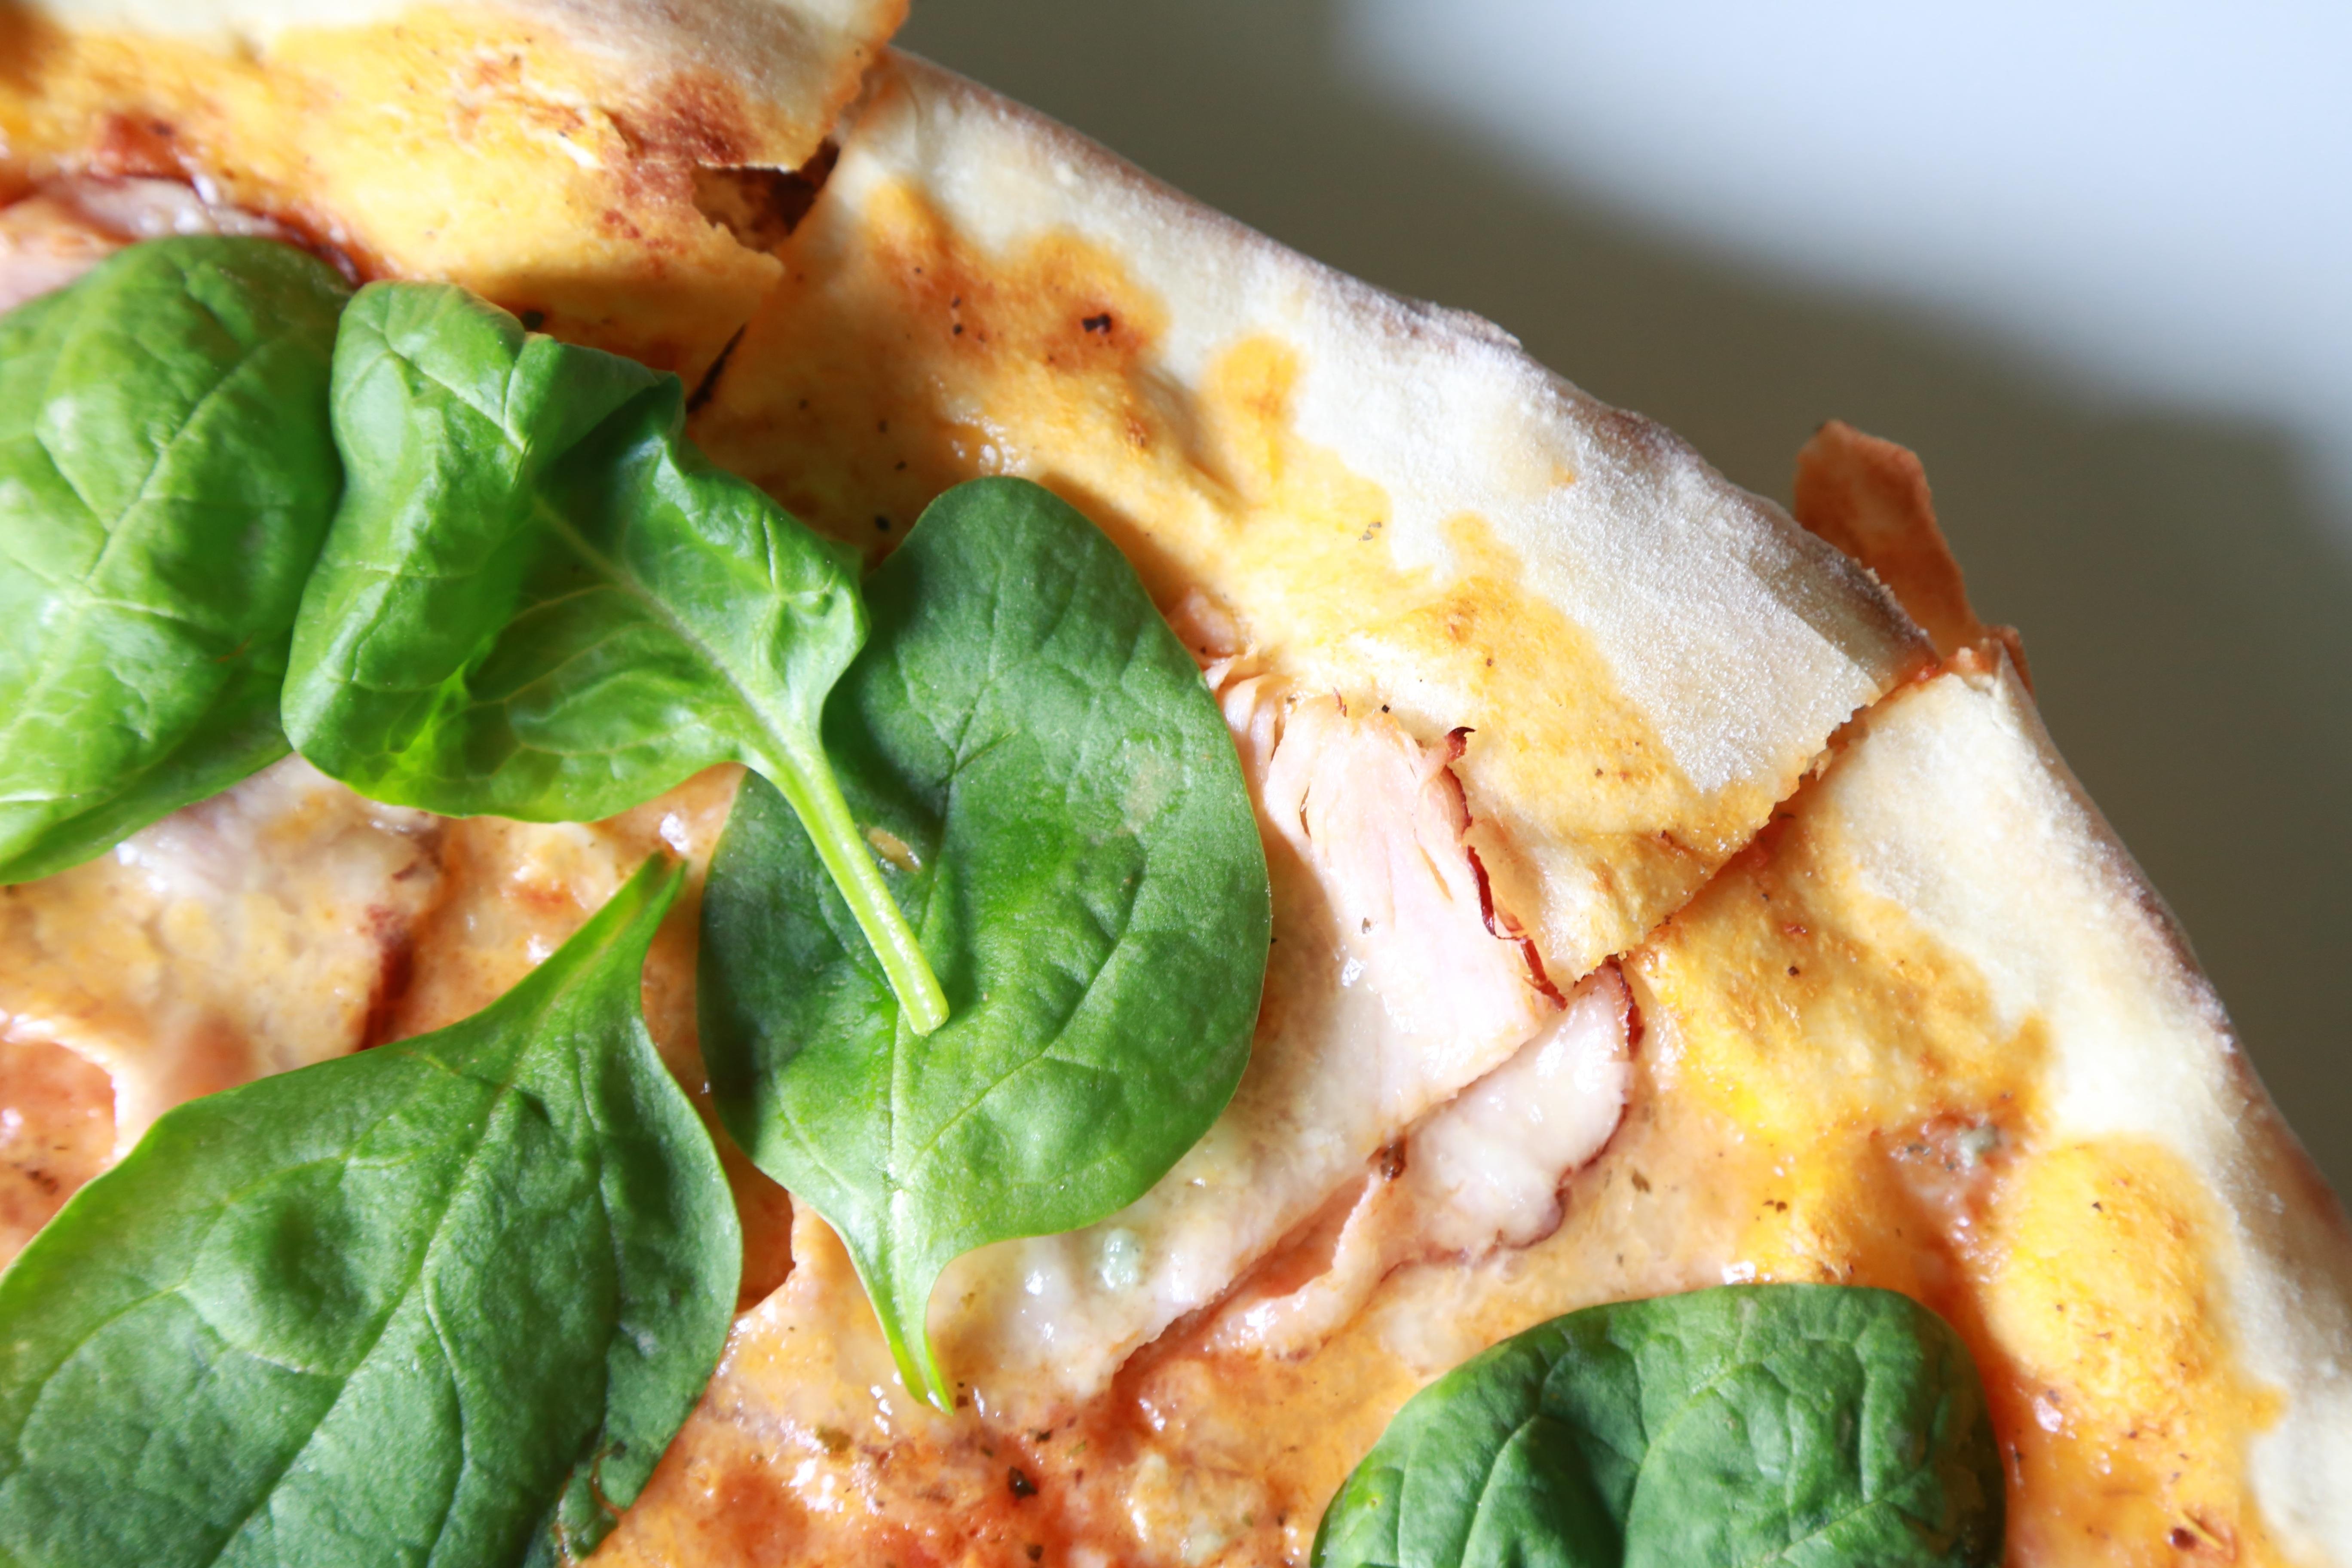 Fotos gratis : cocina, Produce, vegetal, desayuno, saludable, comer ...